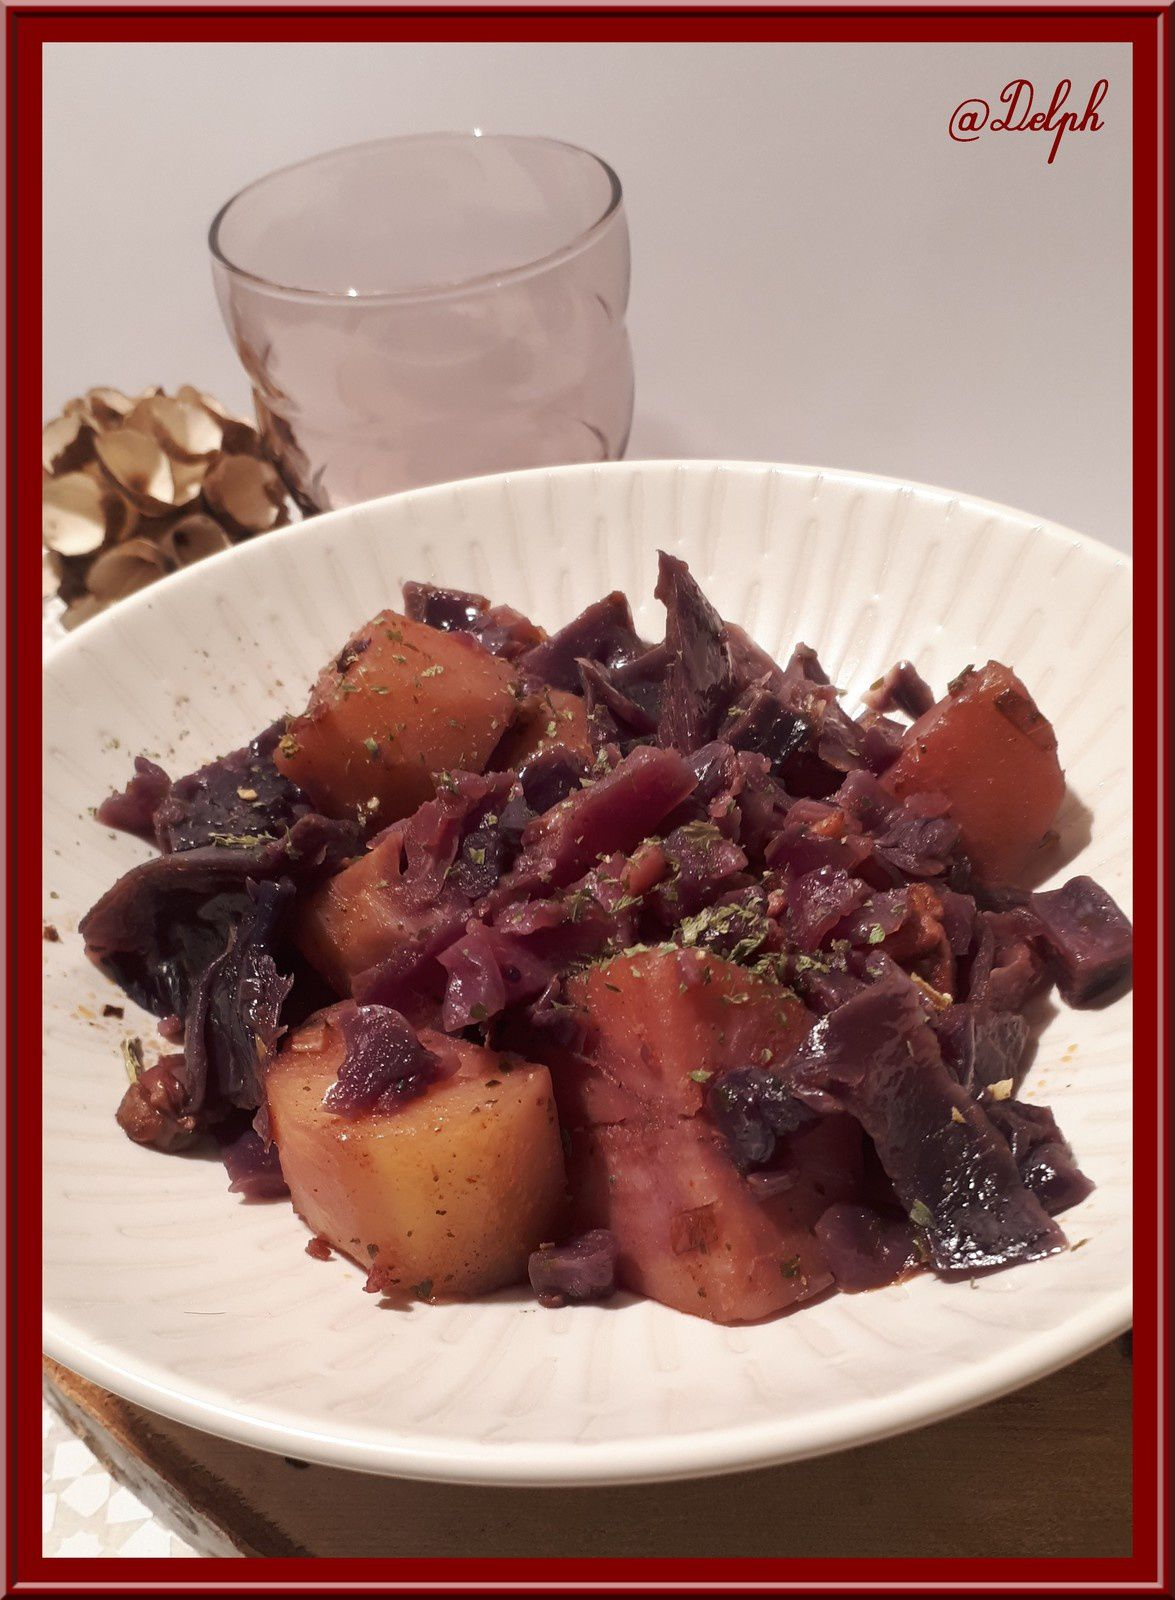 Recette Chou Rouge Lardons Pommes De Terre : recette, rouge, lardons, pommes, terre, Rouge,, Pommes, Terre, Lardons, Cookéo, Gourmande..